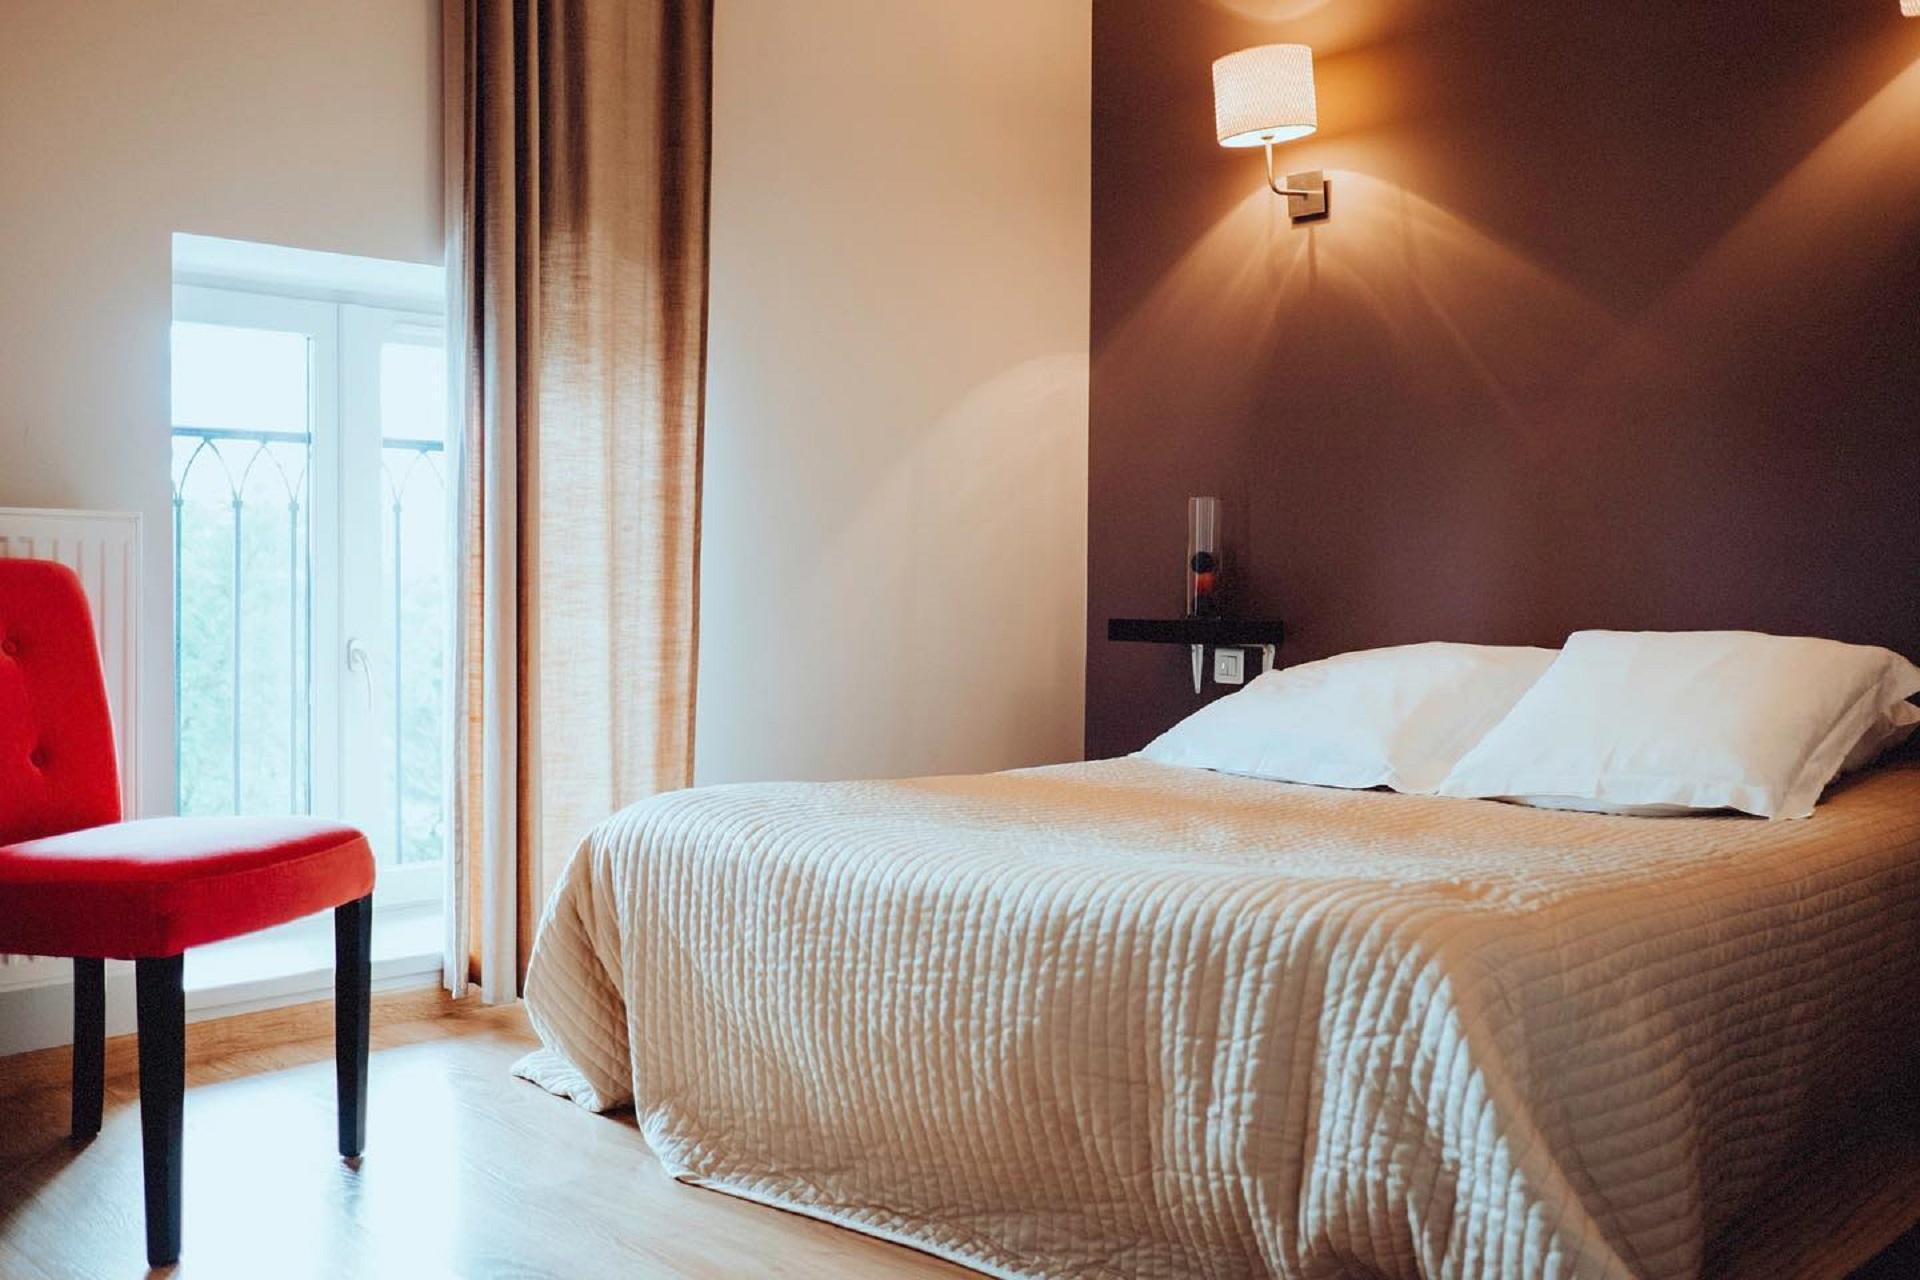 les-maisons-du-bonheur-fleurie-beaujolais-macon-lyon-chambres